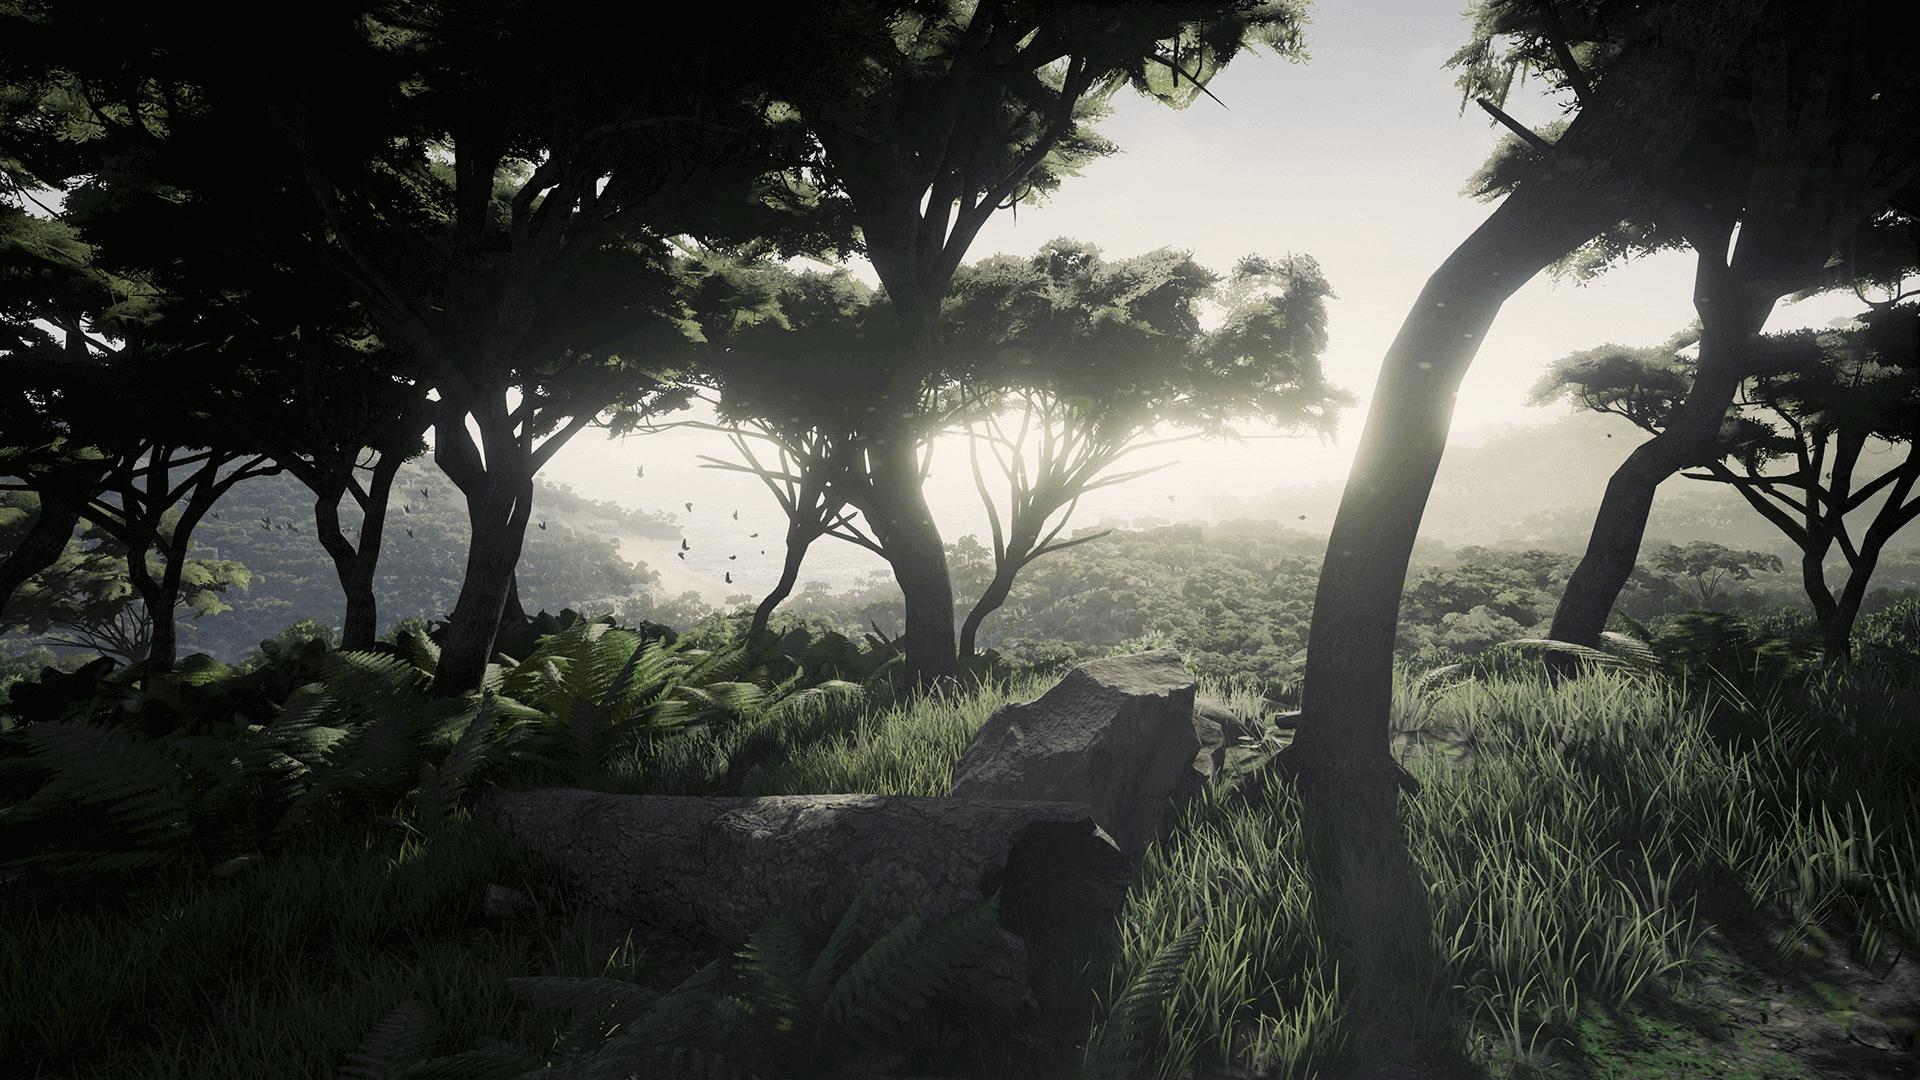 TropicalIsland Screenshot 04 1920x1080 1ca6dba0021985608cf98fde131de246 - Tropical Island Environment - UE4热带岛屿环境资源